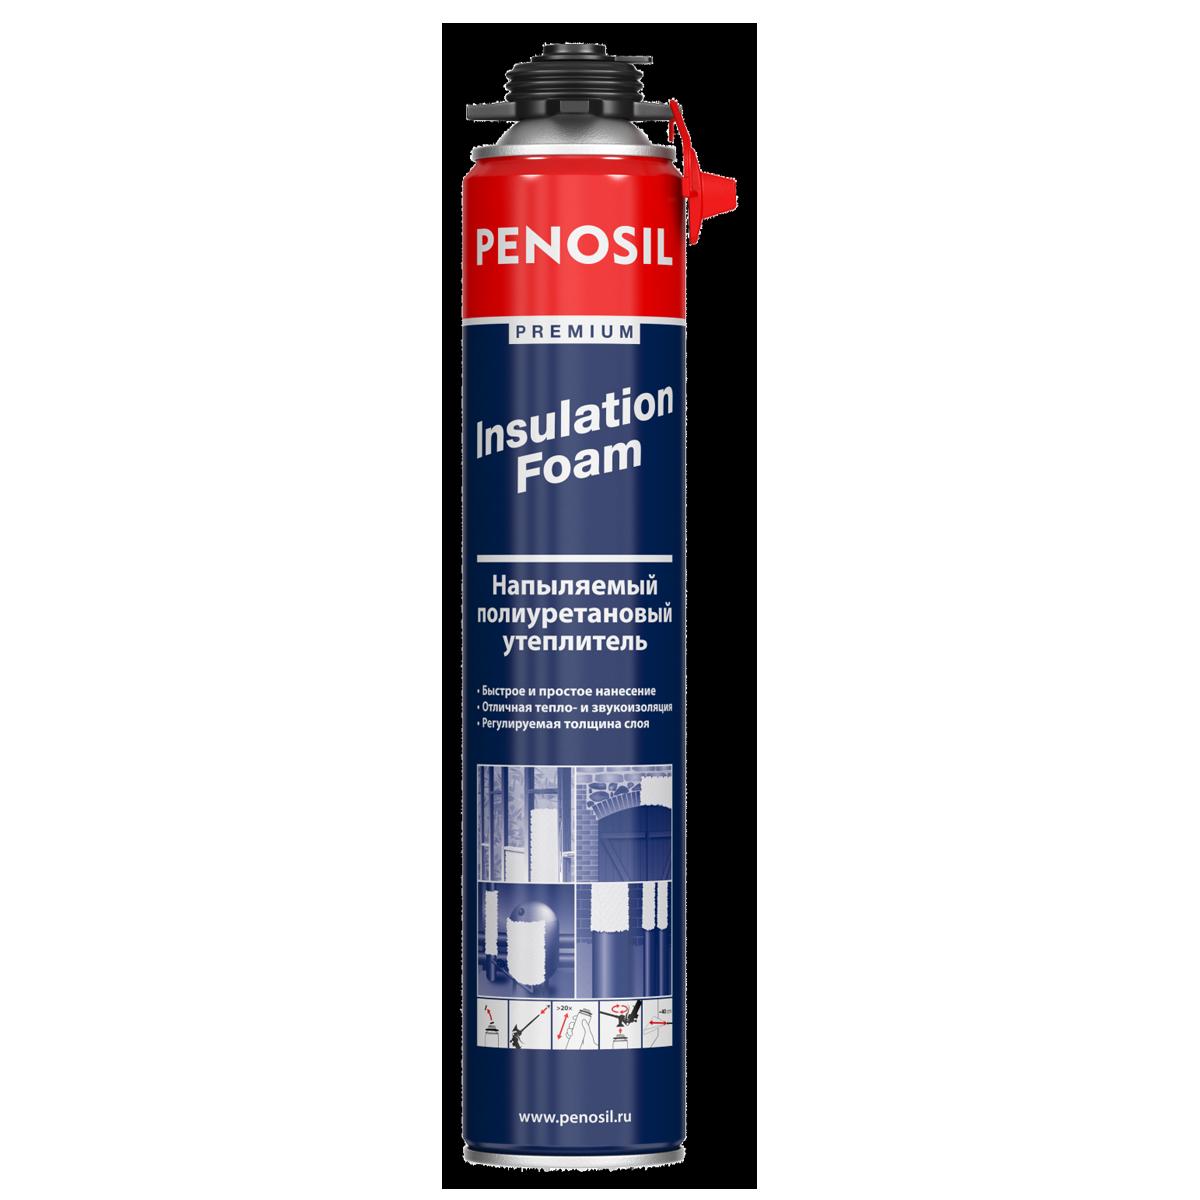 """Напыляемый пенополиуретан утеплитель в баллоне """"Penosil Premium"""""""""""